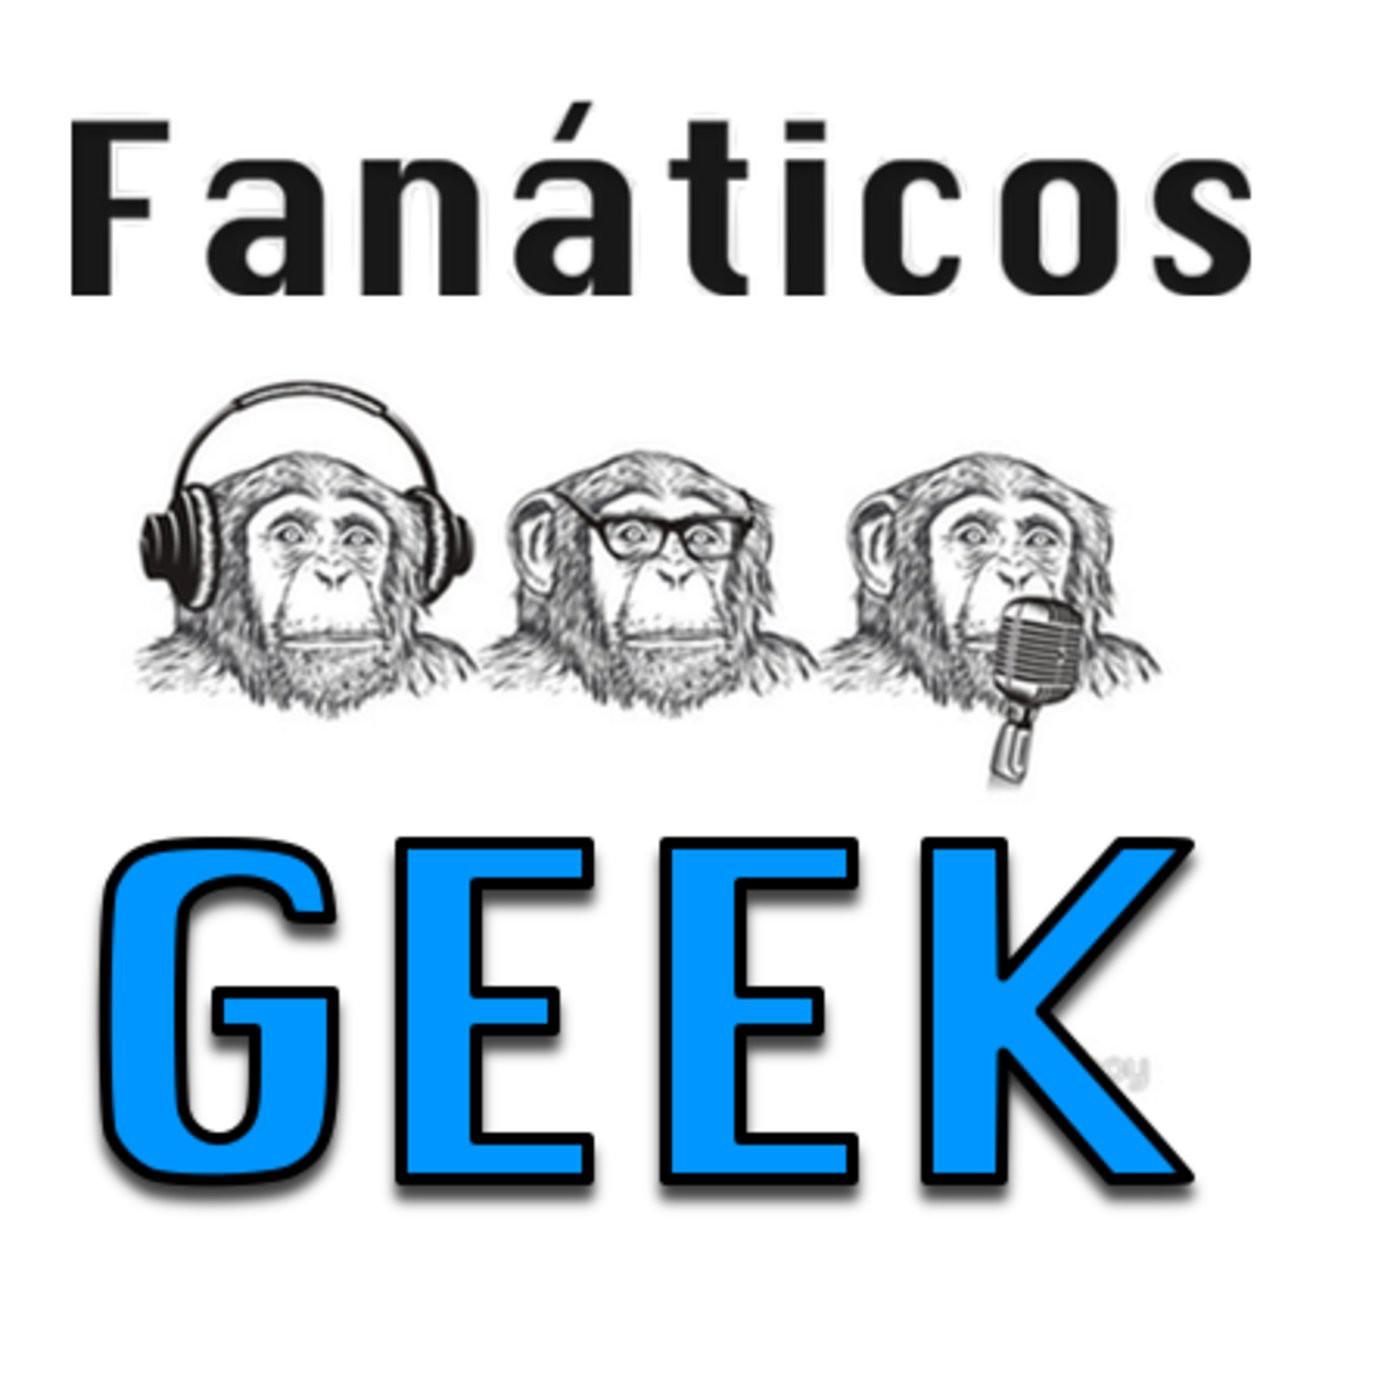 <![CDATA[Fanáticos Geek ]]>